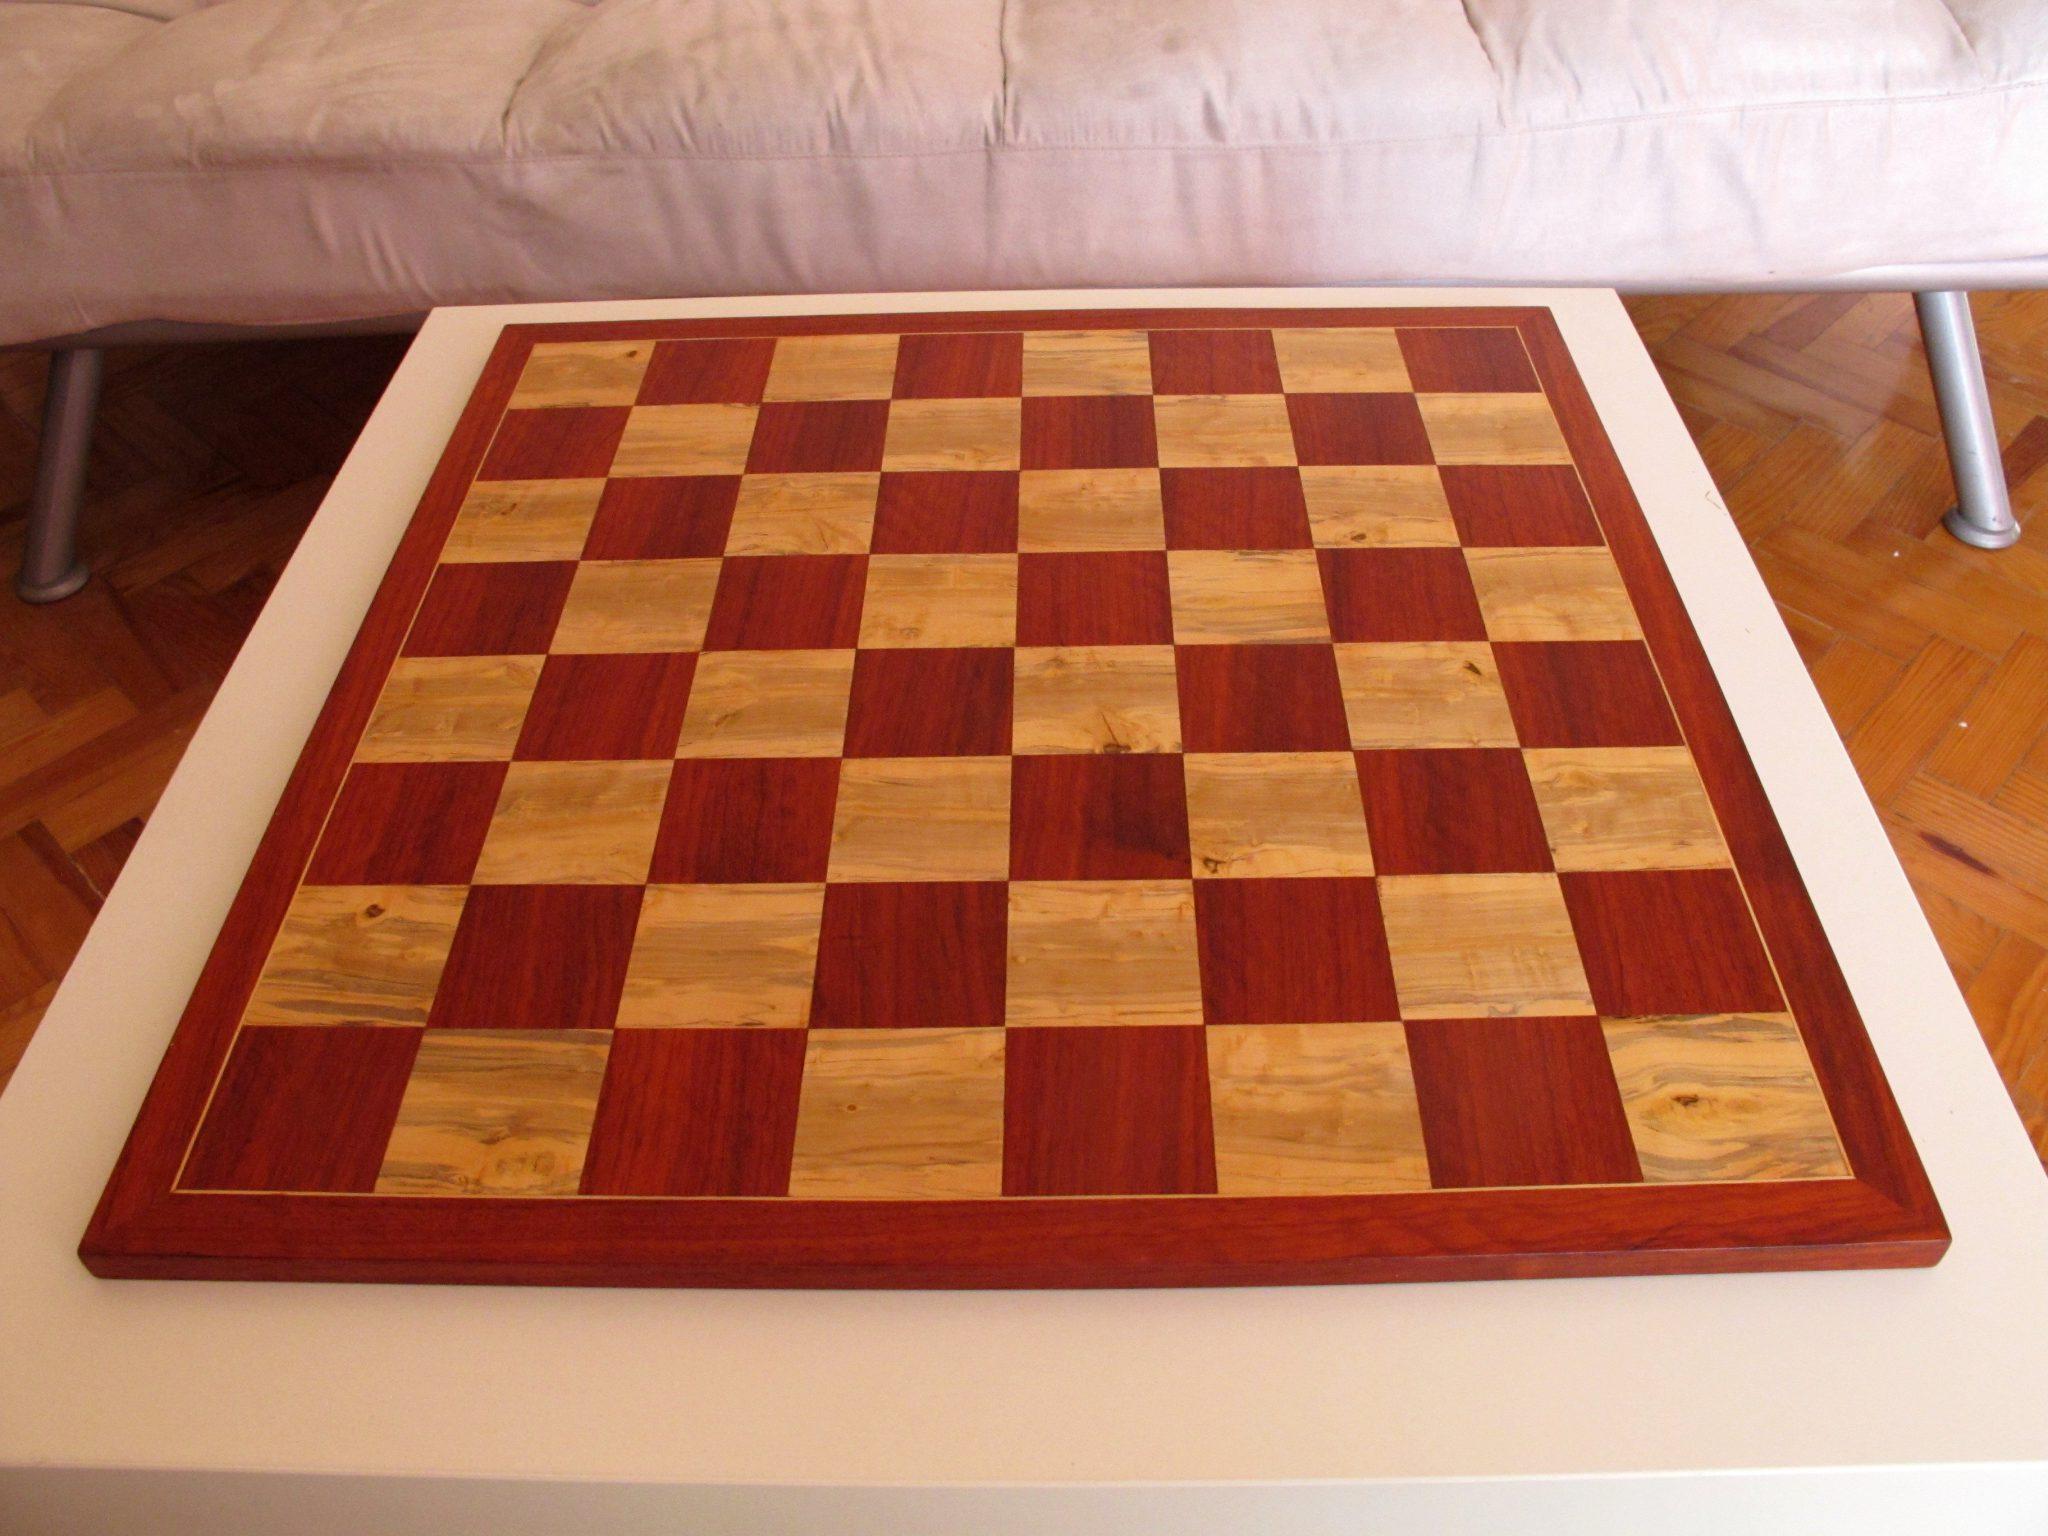 Tabuleiro de xadrez embutido - Plateau de jeu d'échec en marqueterie